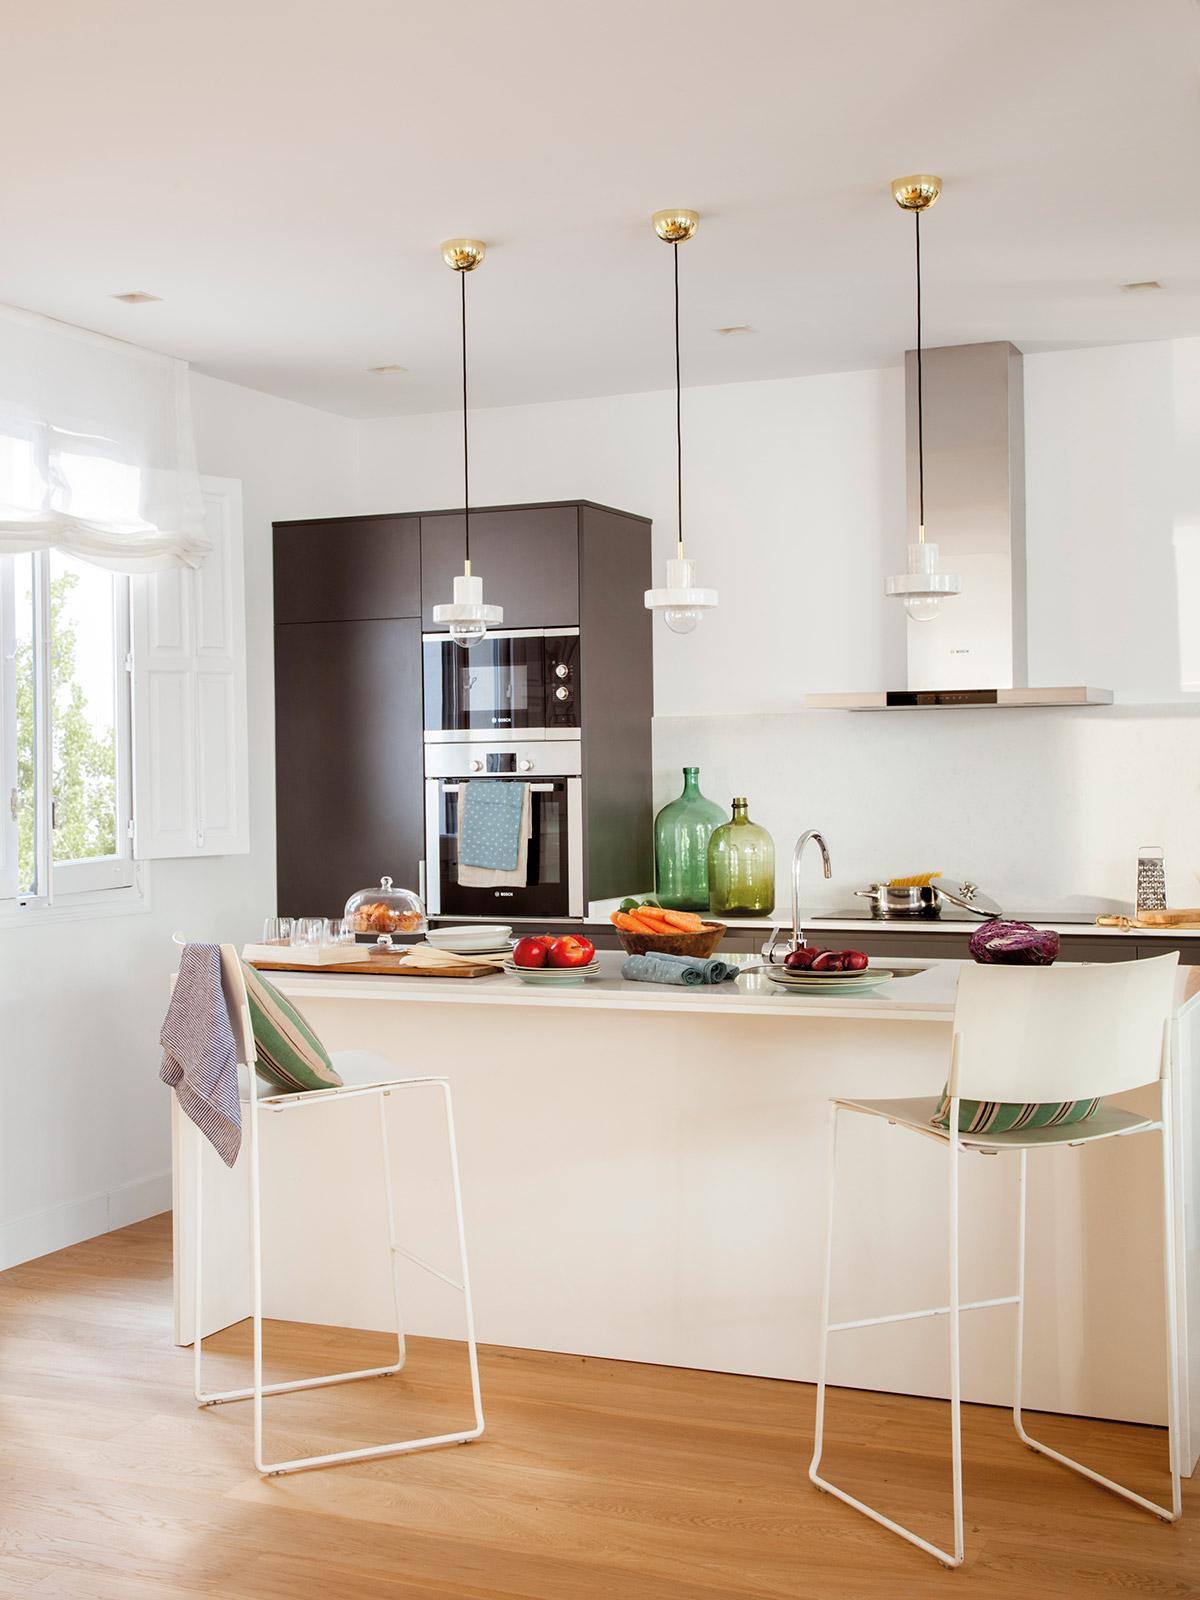 Dise o de una cocina con barra de desayuno for Barras de cocina comedor